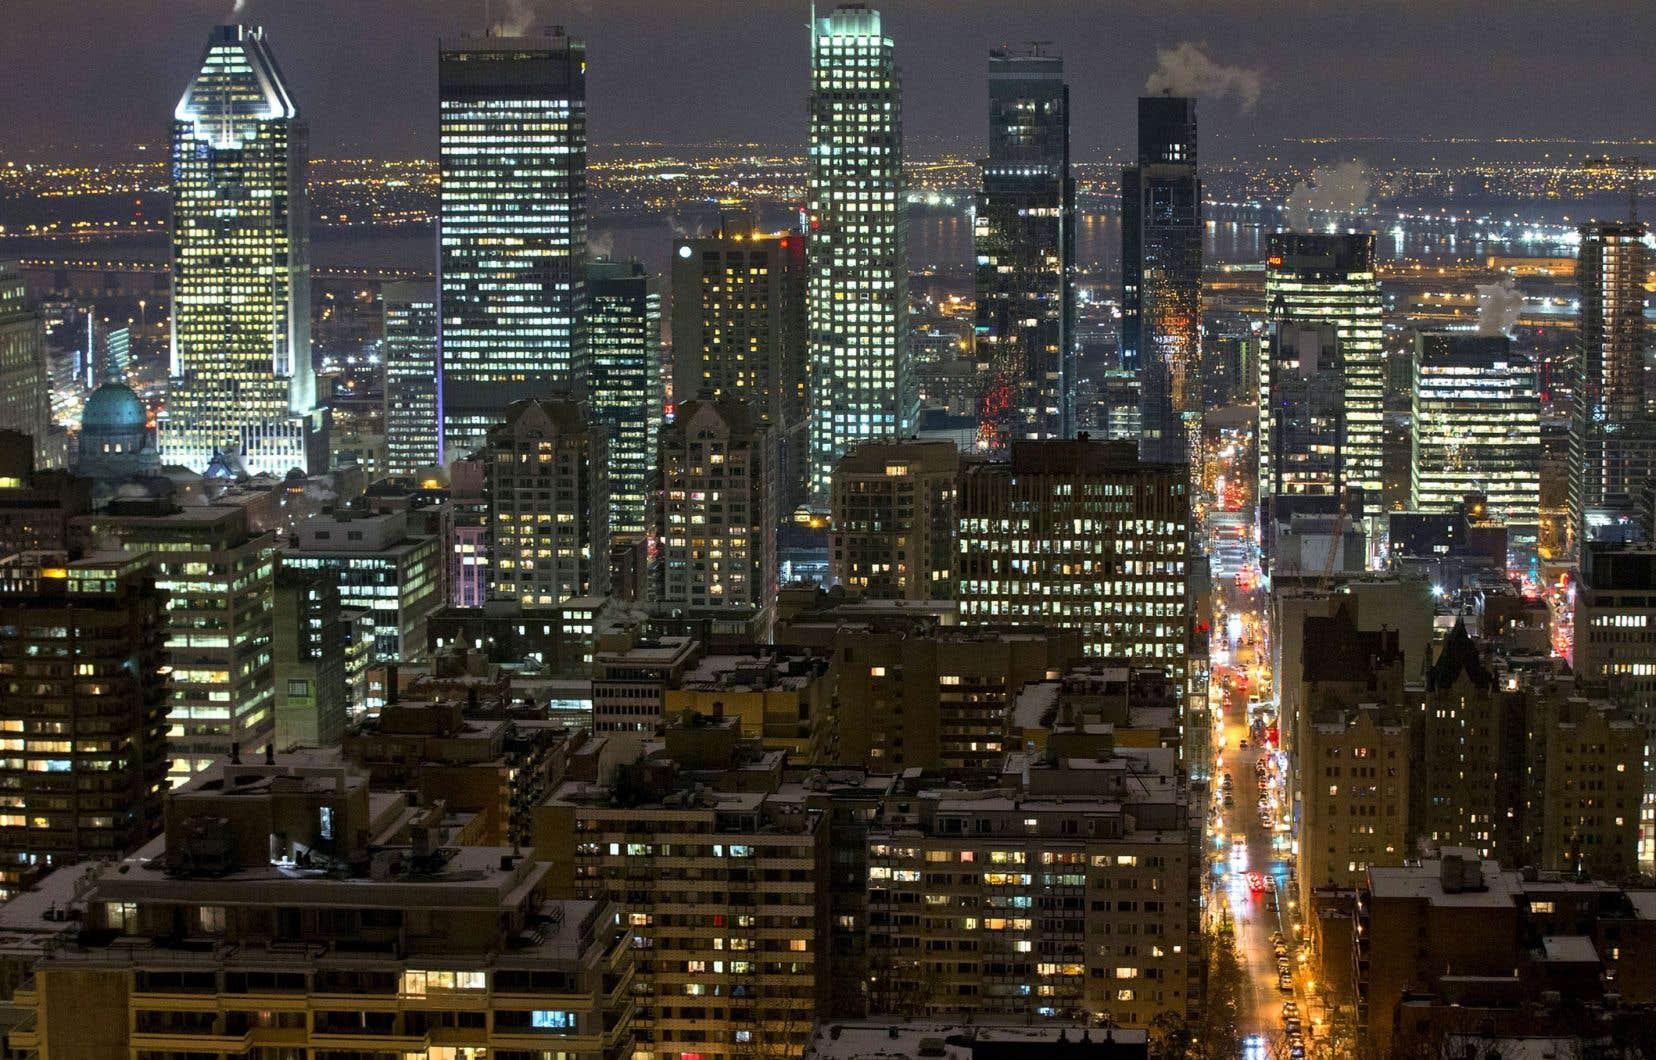 L'accroissement de la lumière artificielle dans nos villes est dommageable pour les écosystèmes biologiques, ainsi que pour la santé humaine.